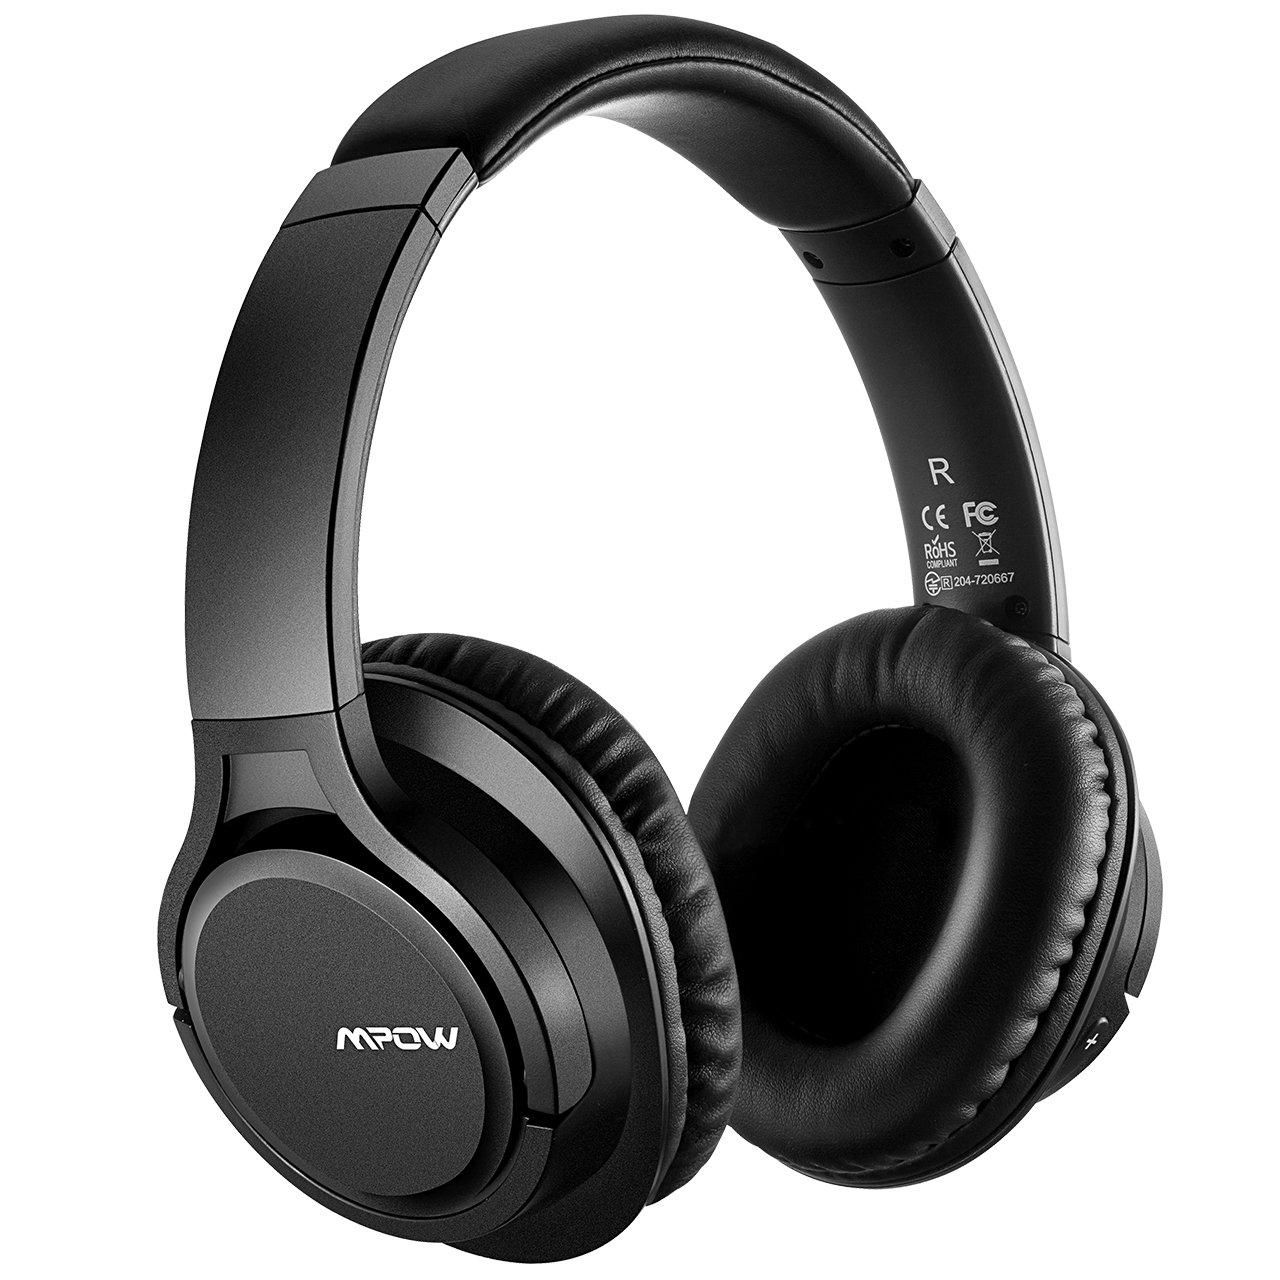 Mpow Cuffie Bluetooth 4.1 Stereo H7 b00d14bd738e